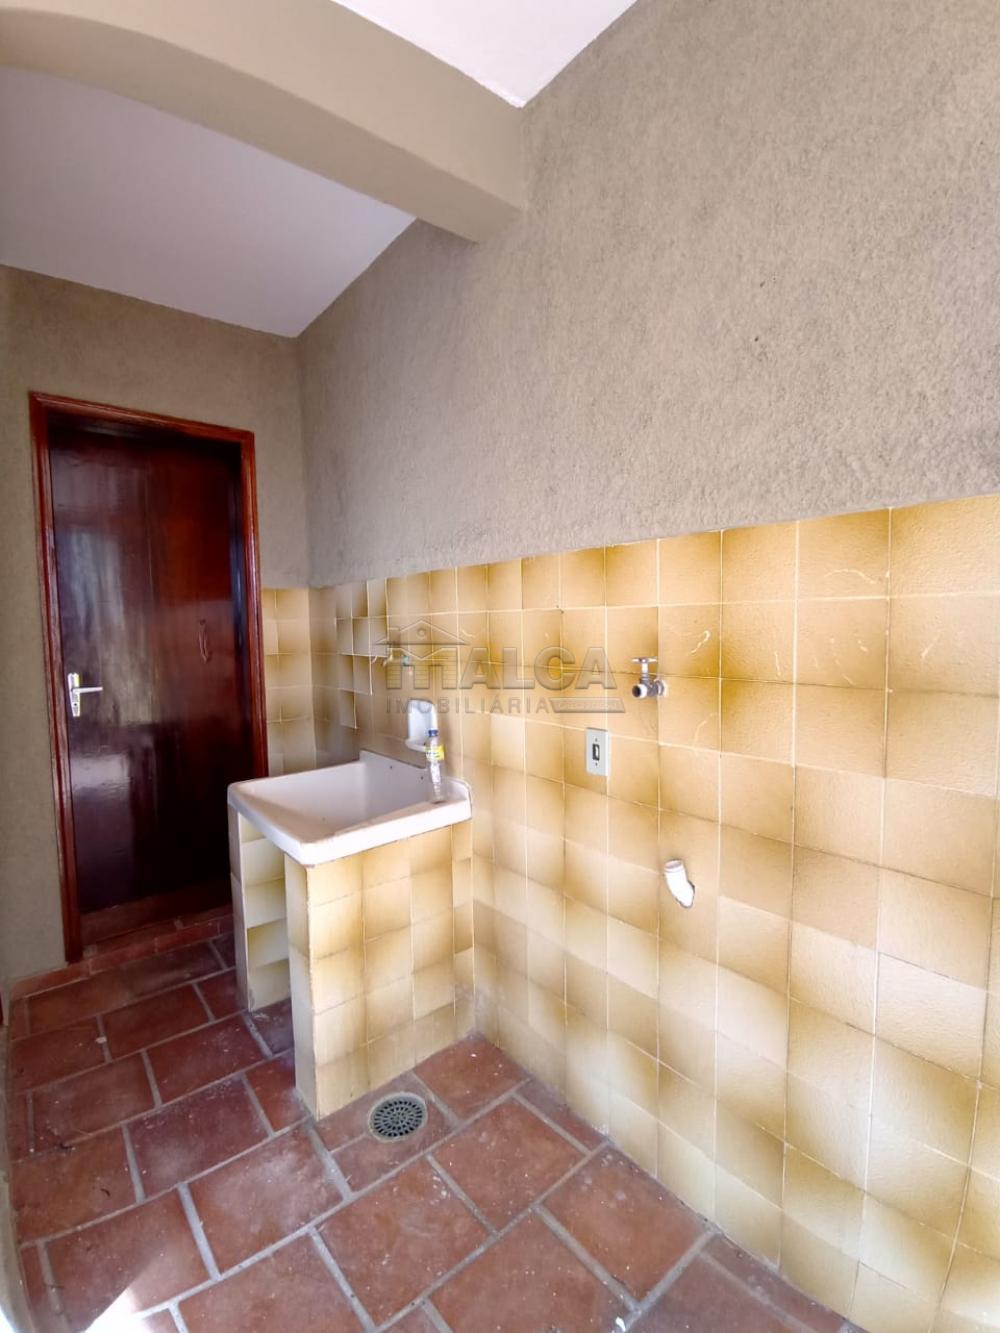 Alugar Casas / Padrão em São José do Rio Pardo apenas R$ 1.500,00 - Foto 31